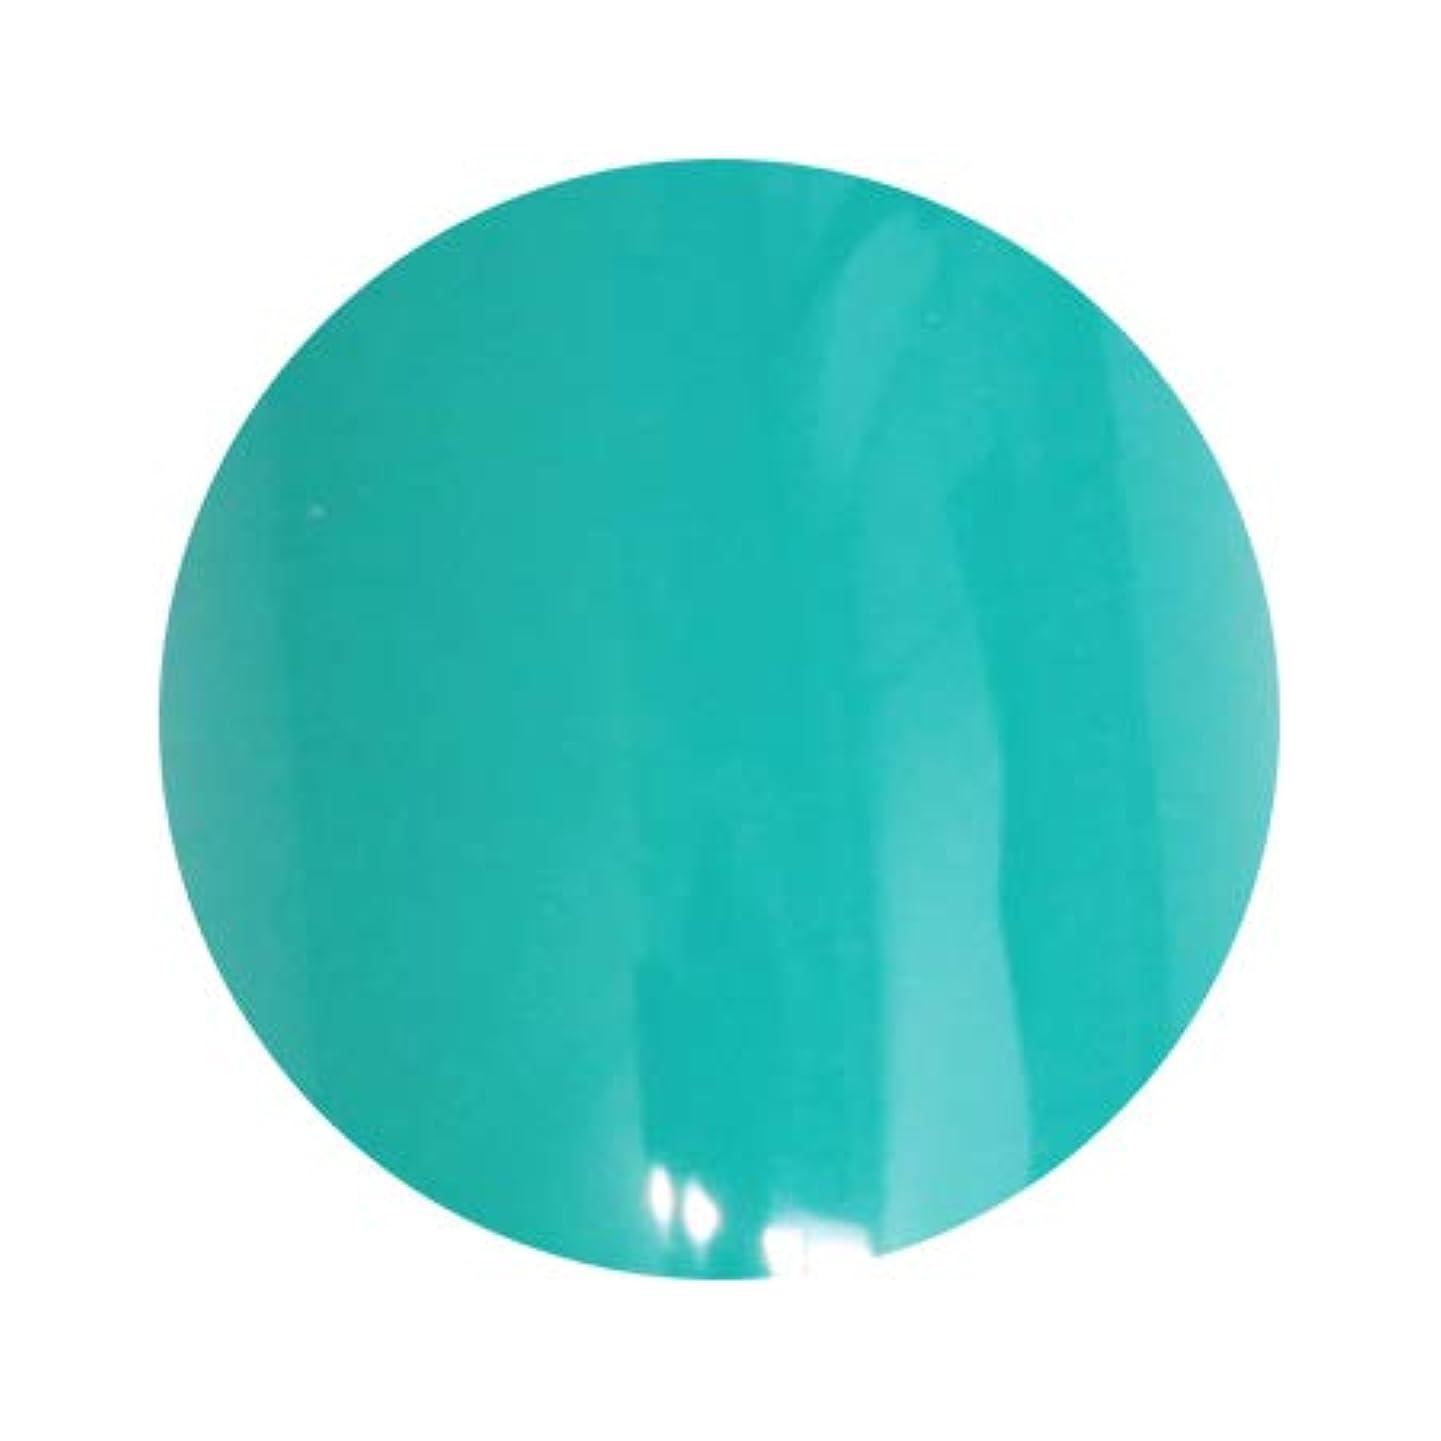 実質的居眠りするよろしくLUCU GEL ルクジェル カラー GRM12 ネイテュブグリーン 3.5g